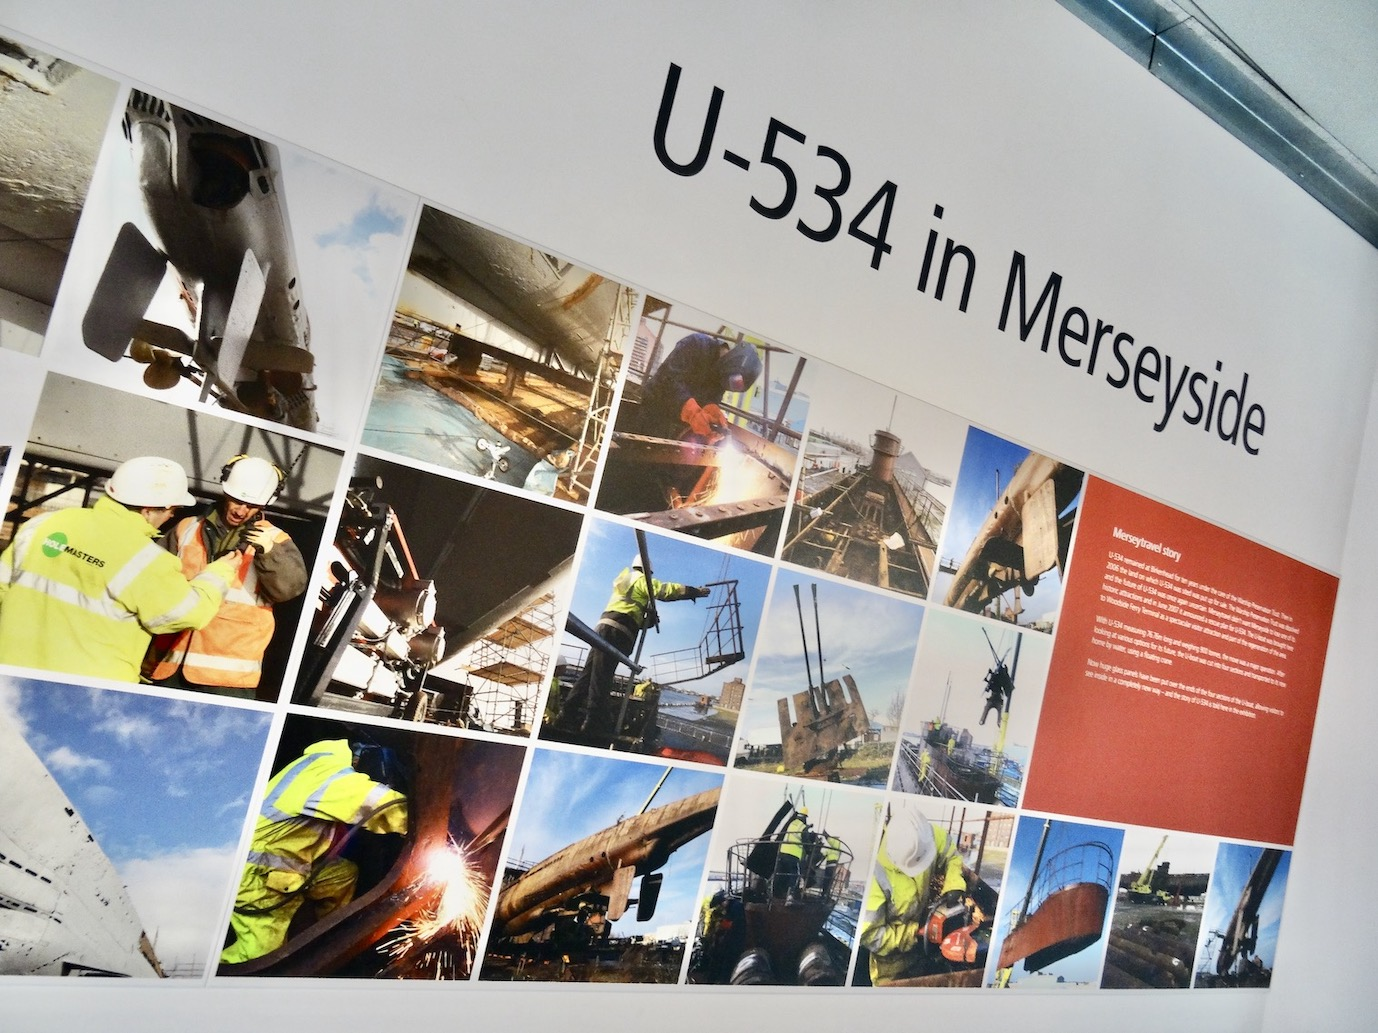 U-534 in Merseyside.